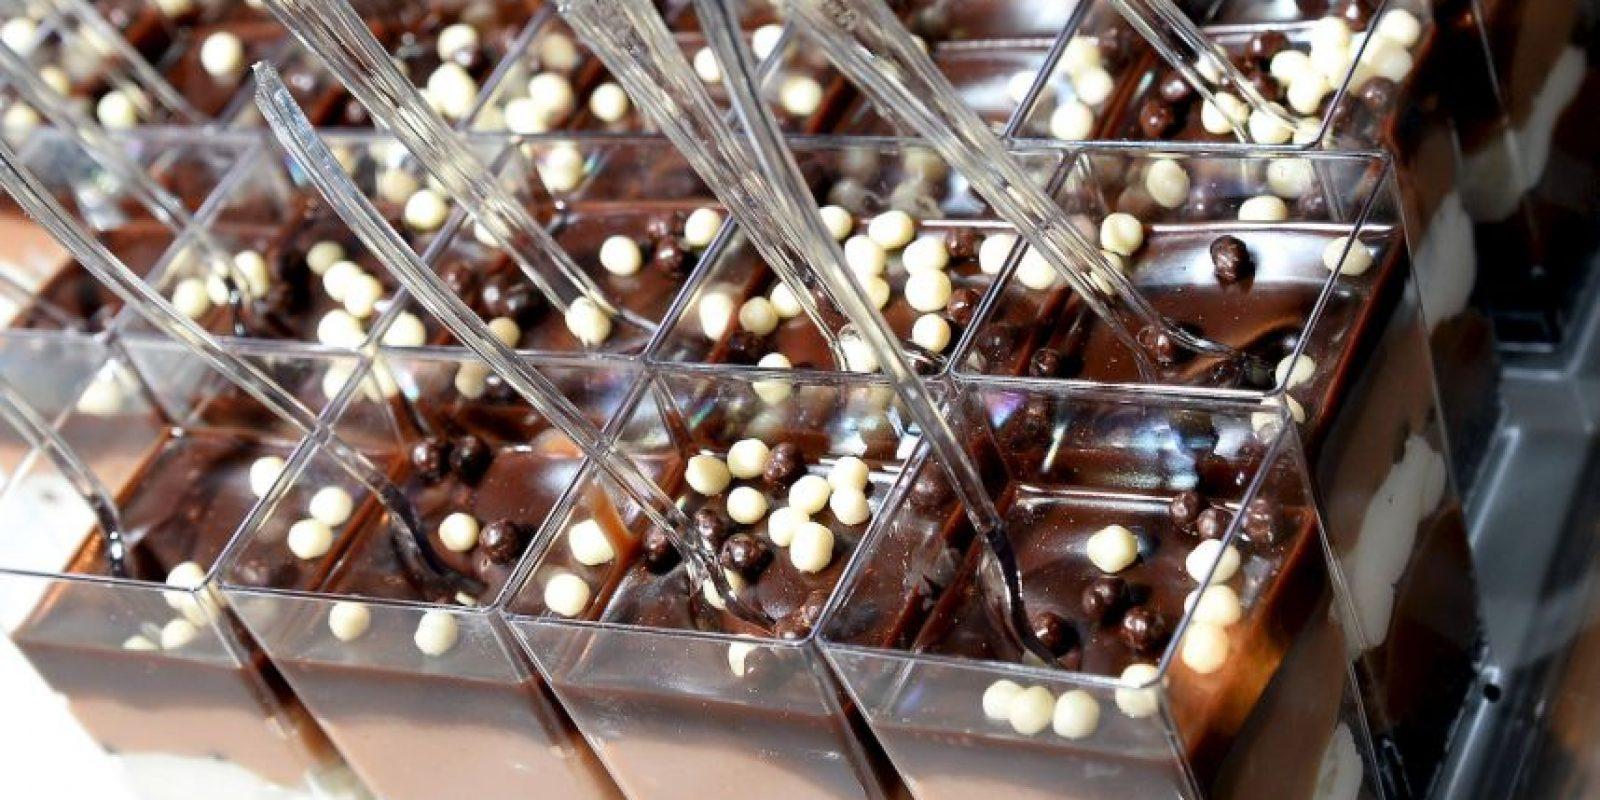 La producción de chocolate a nivel mundial se encuentra en una etapa de crisis, debido al más reciente brote del virus de Ébola. Foto: Getty Images